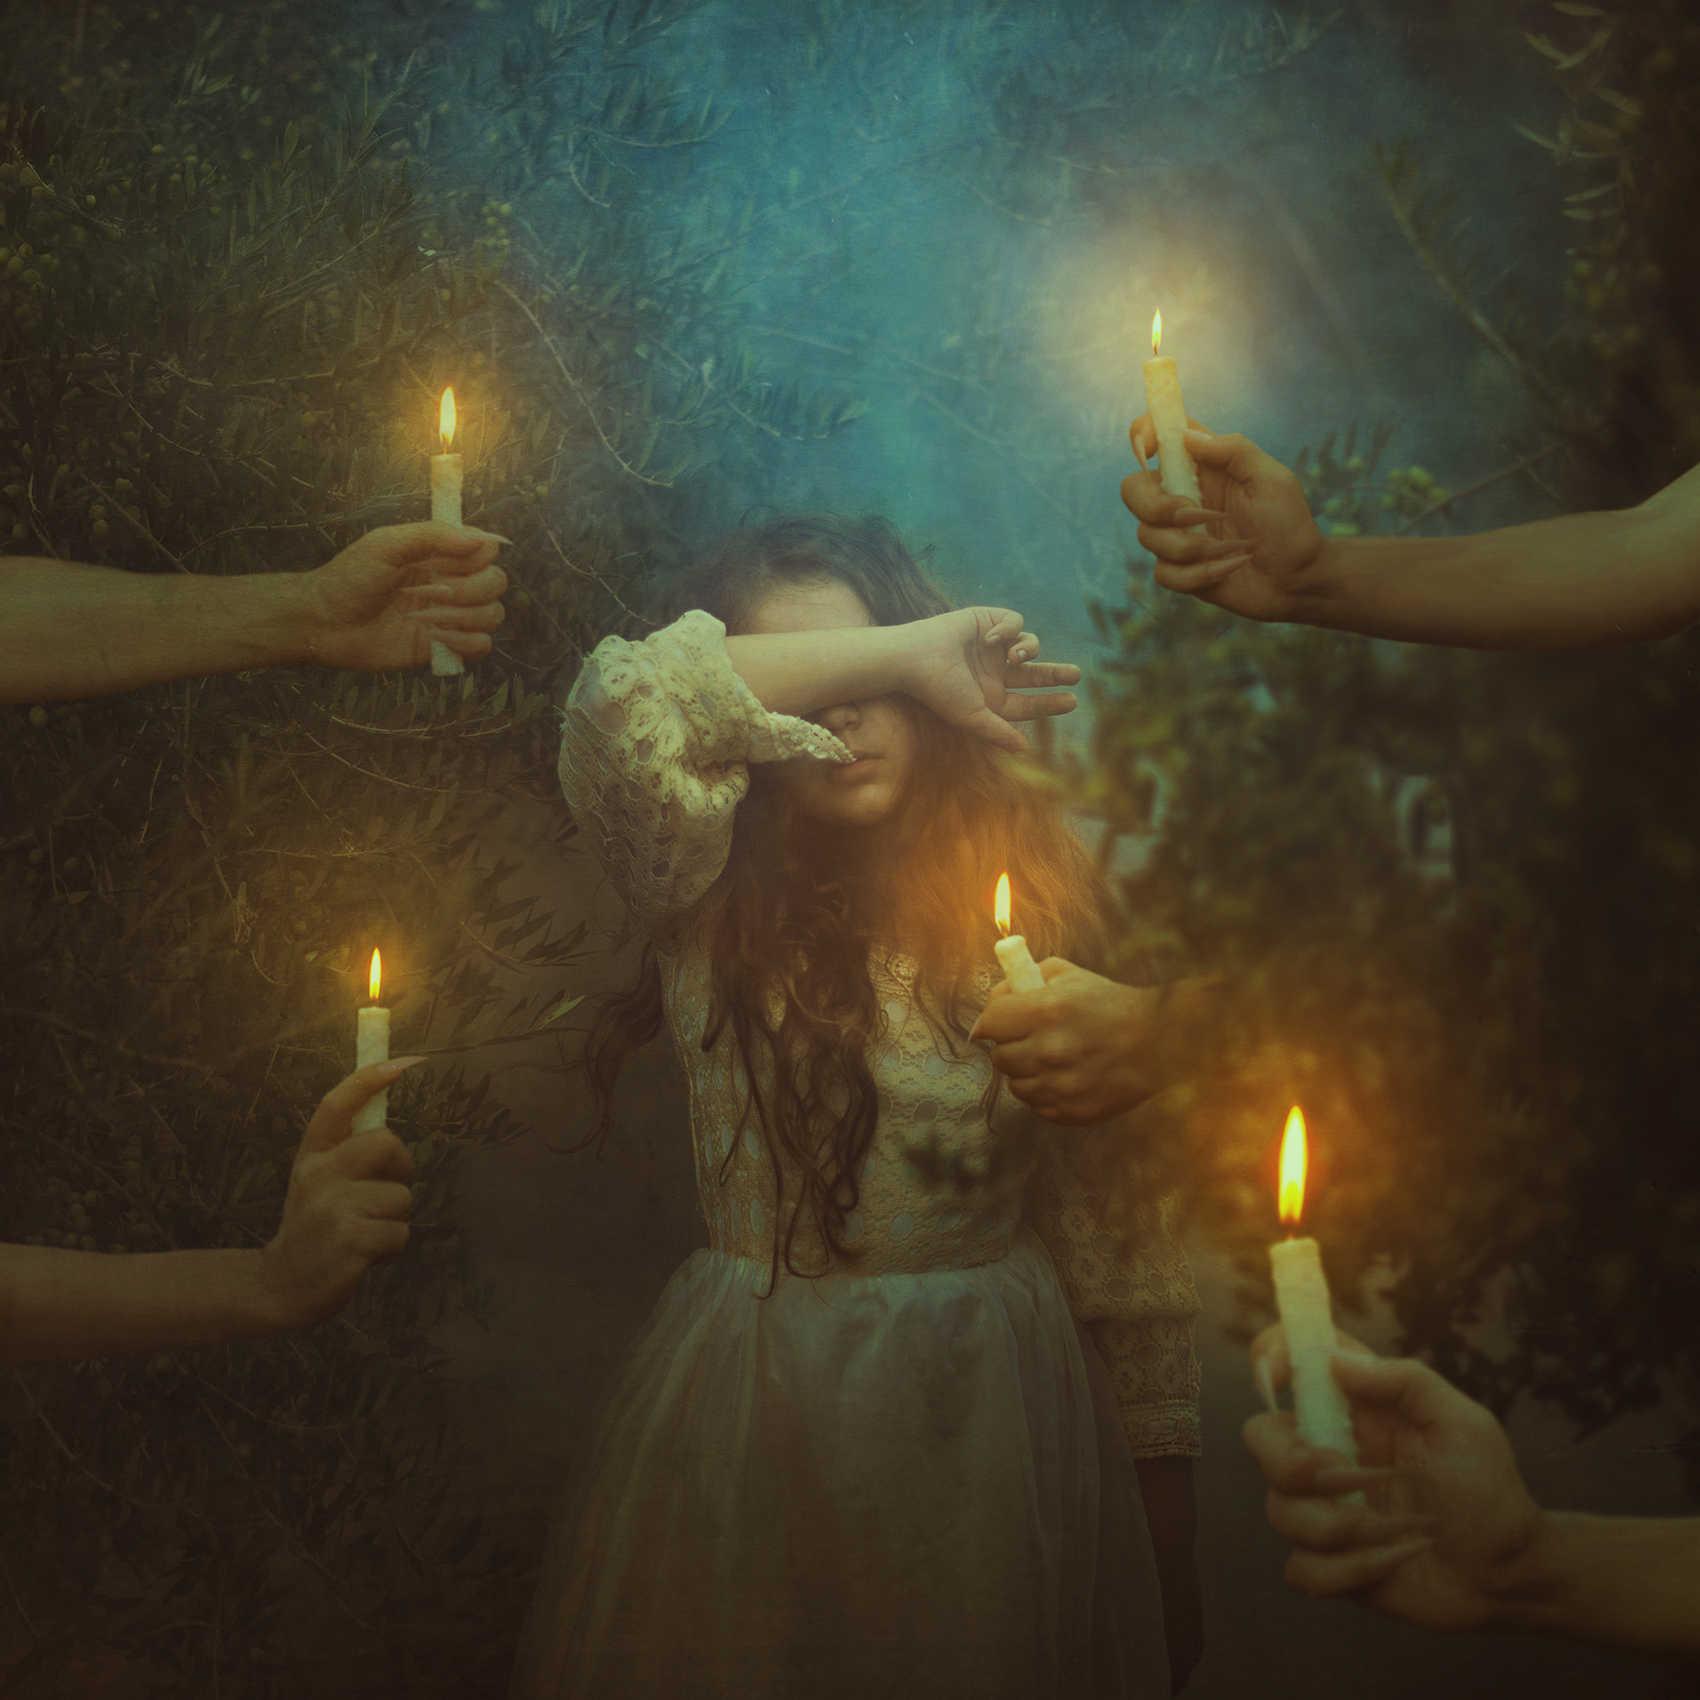 Fotografía de una niña con manos llenas de velas encendidas